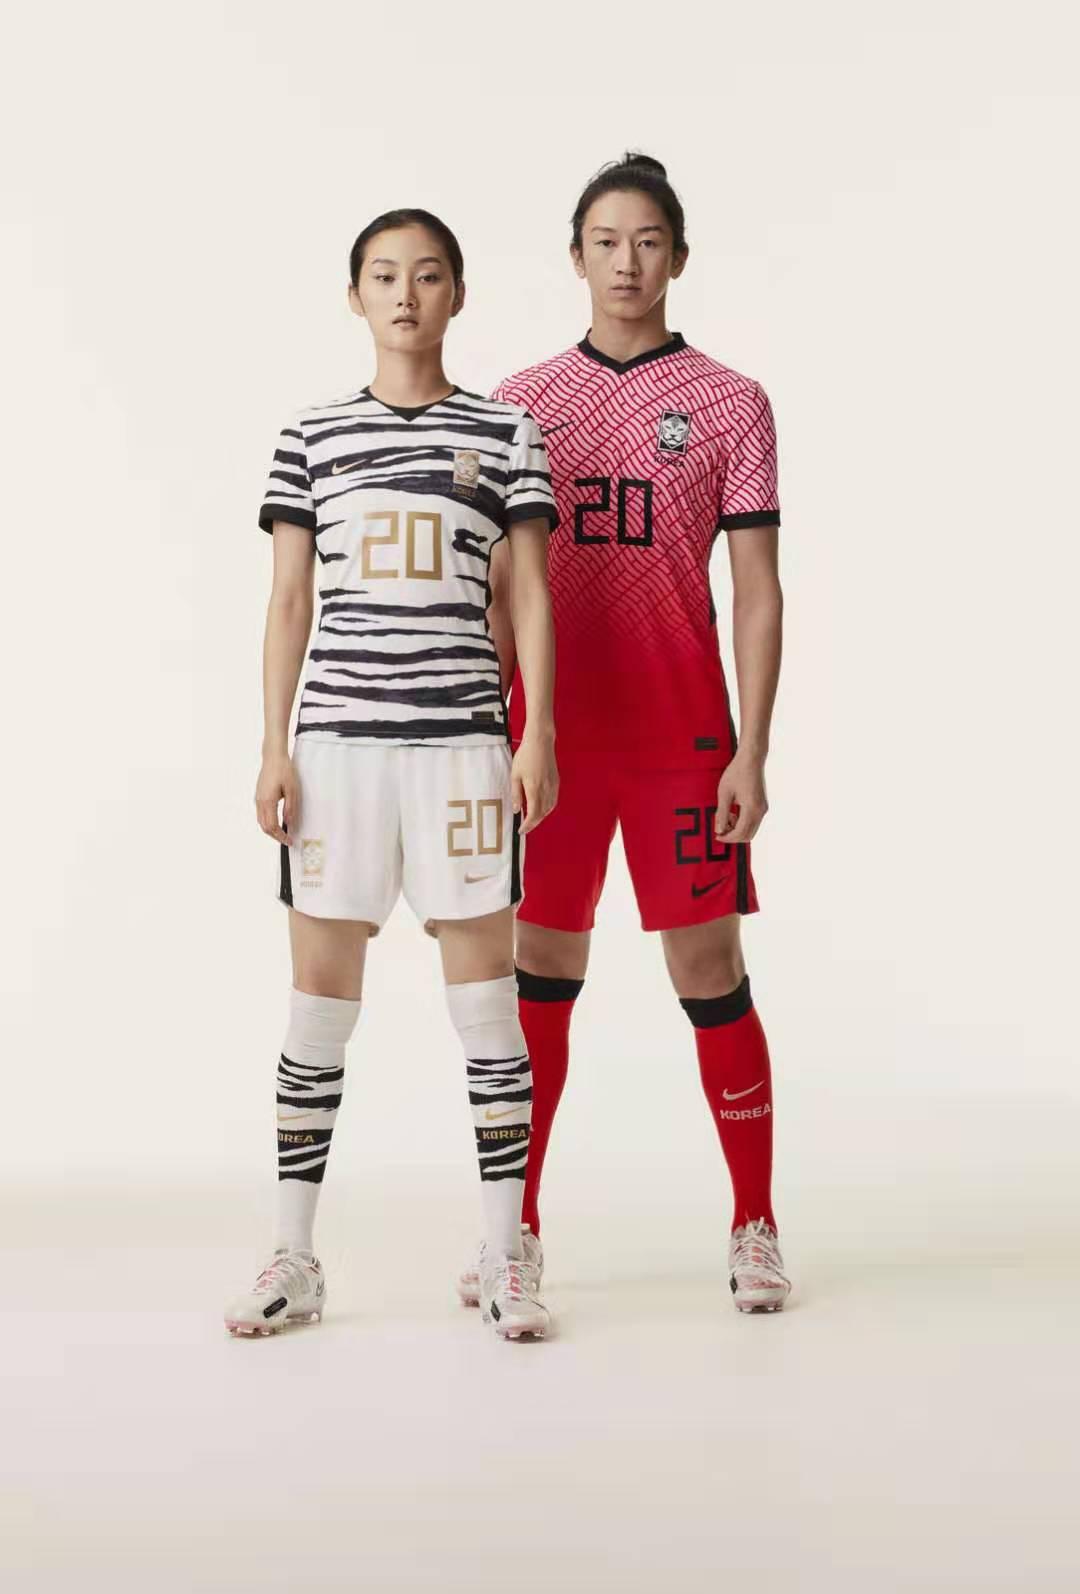 耐克发布韩国队新版球衣:主场球衣增加白色斜网格设计